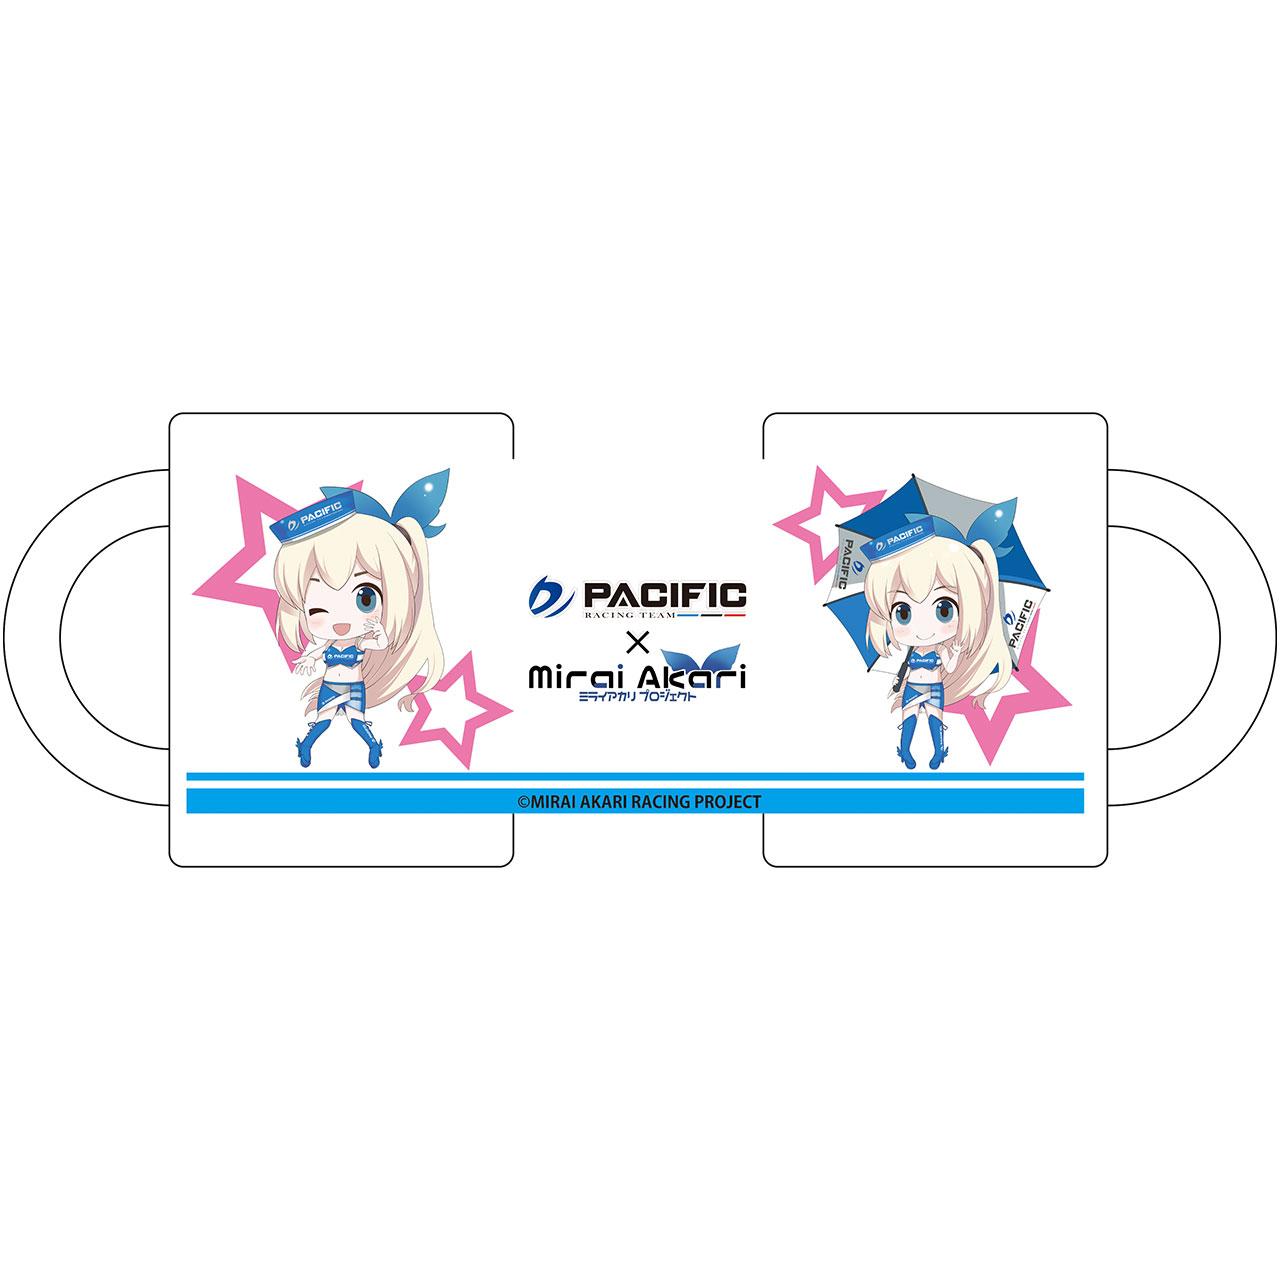 【数量限定】パシフィックレーシングチーム×ミライアカリ/マグカップ デフォルメレースクイーンVer.